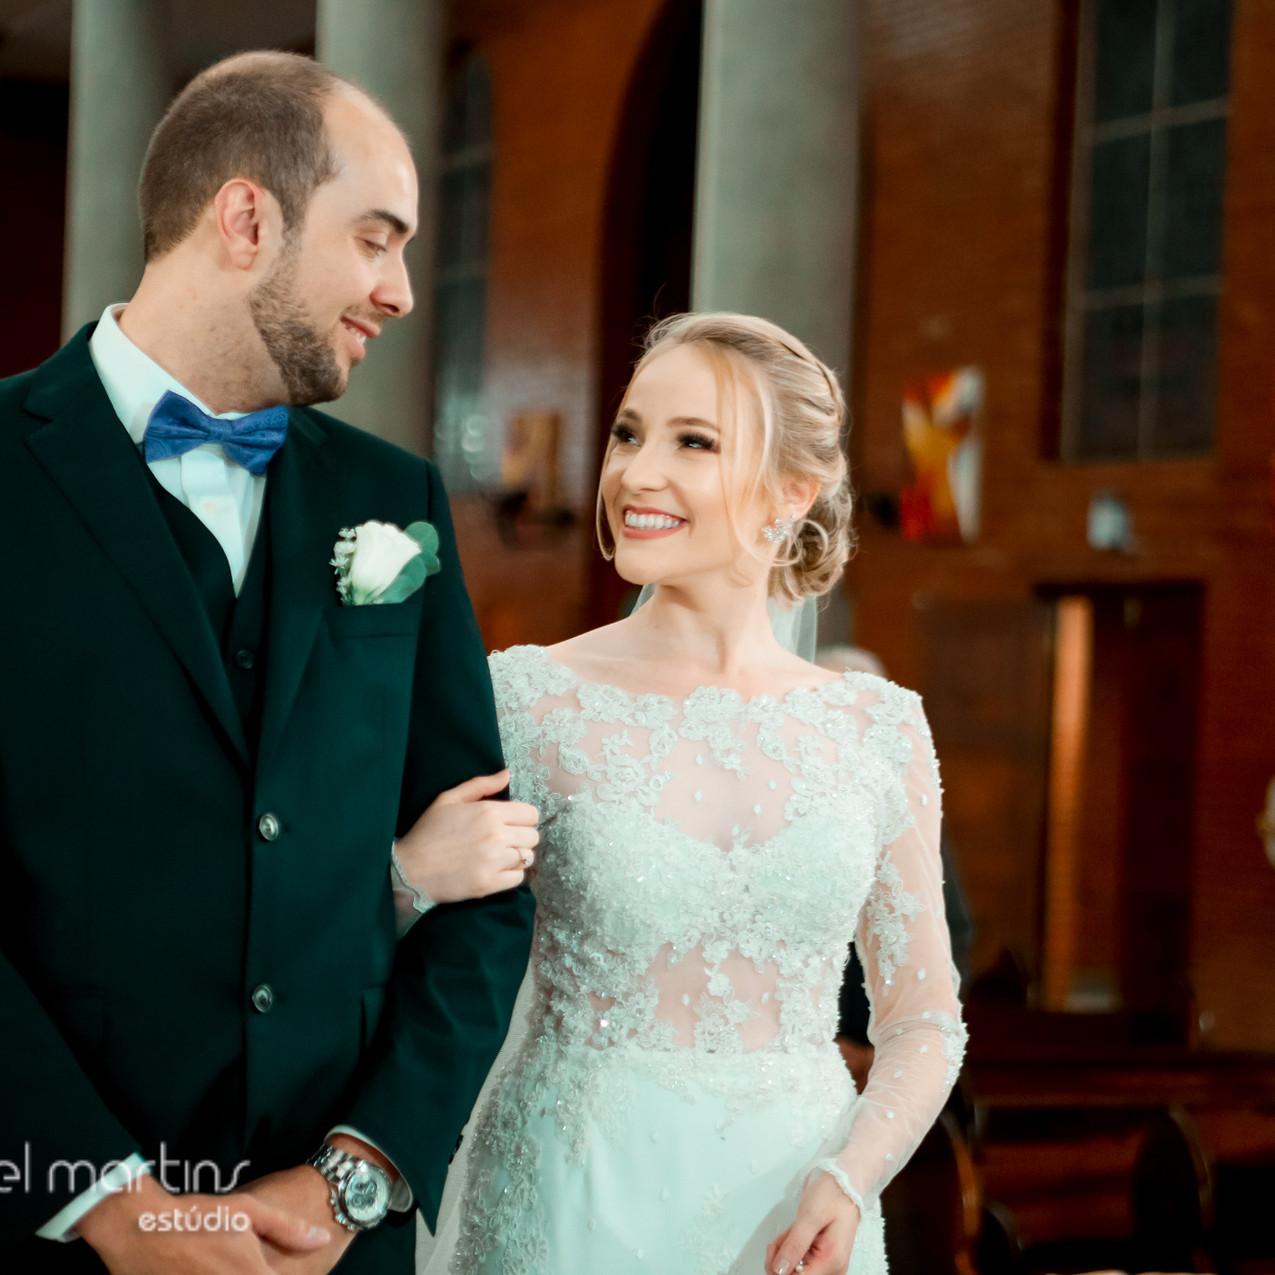 BeR-0455-fotografo-casamento-wedding-gotadagua-rustico-brunaeraul-boho-diy-portoalegre-daniel-martins